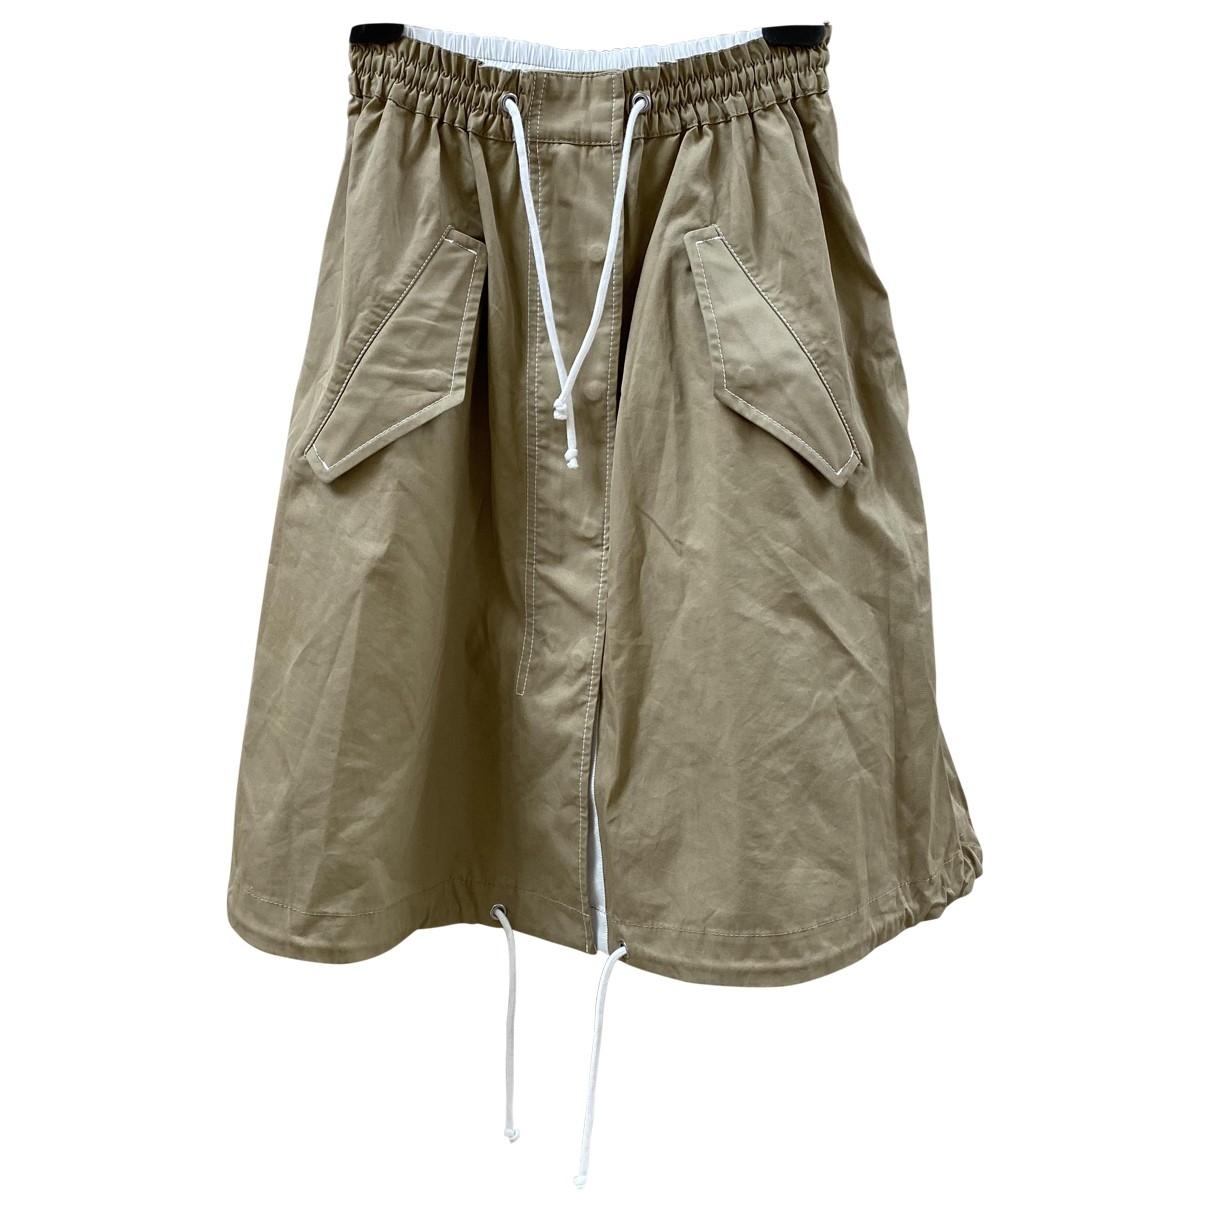 H&m Studio \N Beige Cotton skirt for Women 36 FR